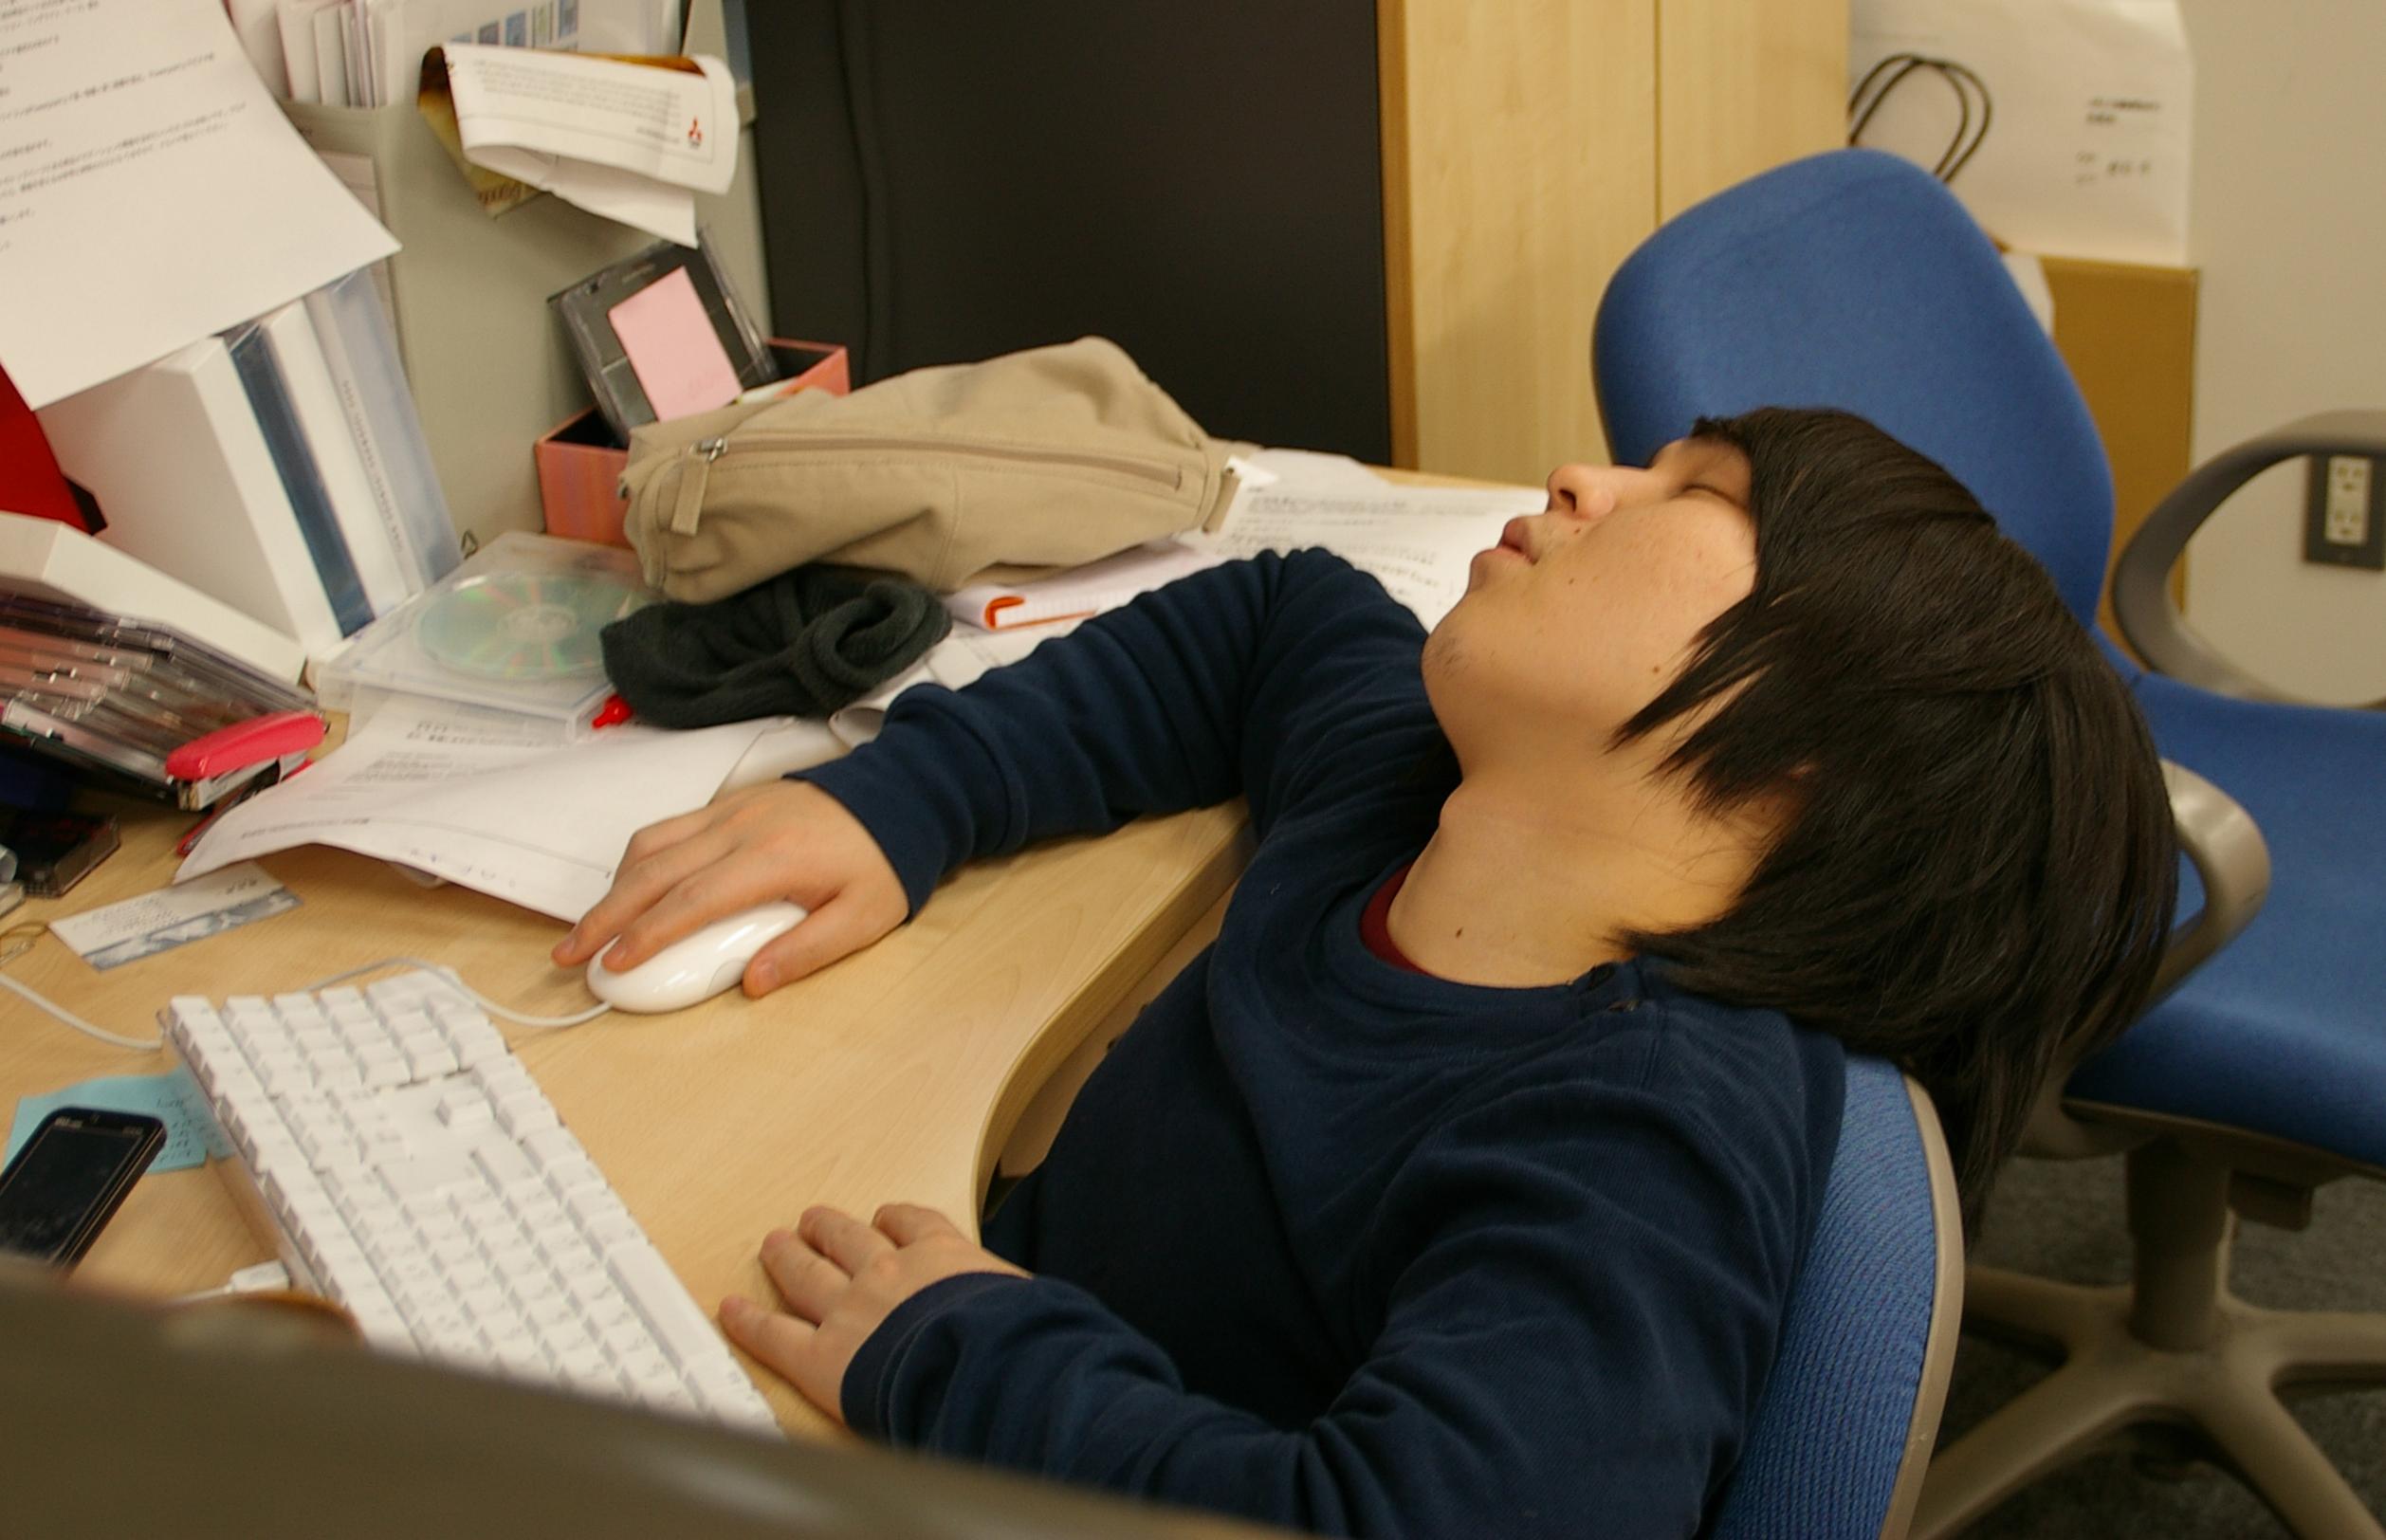 Смешные картинки когда спят